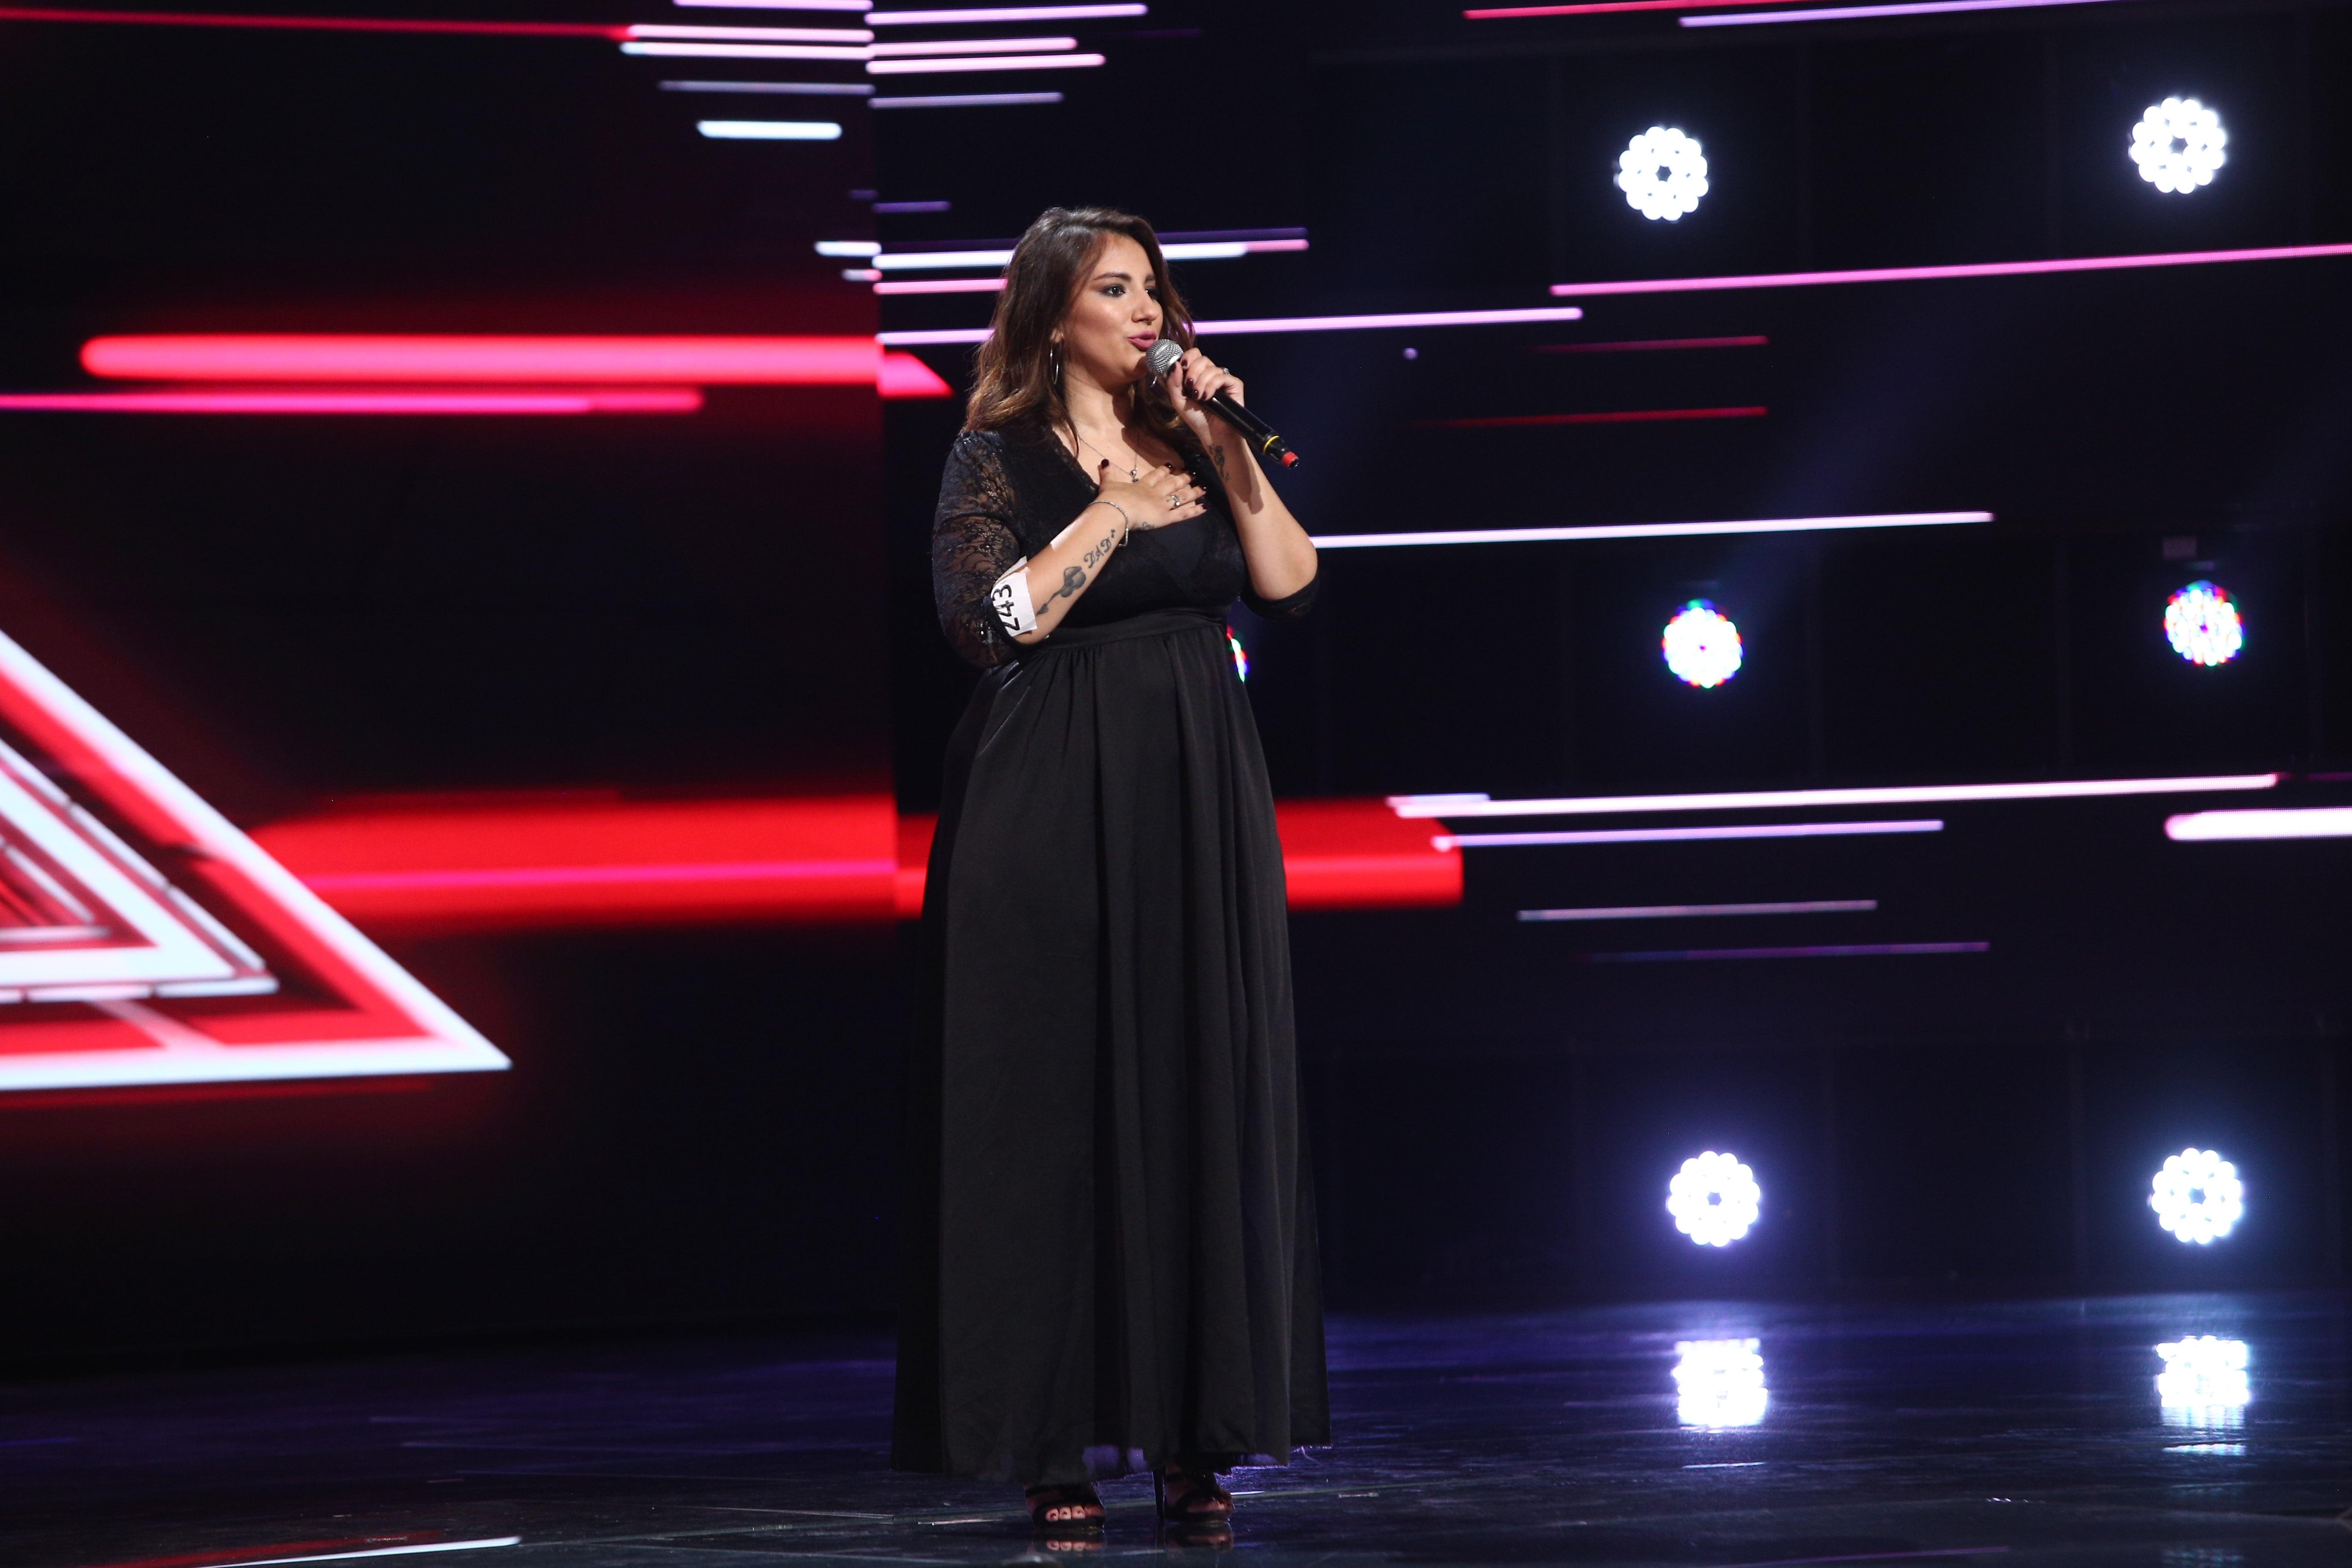 """X Factor 2021, 22 octombrie. Valentina Martucci a cântat impecabil """"You make me feel"""" de la Aretha Franklin. Ce au spus jurații"""